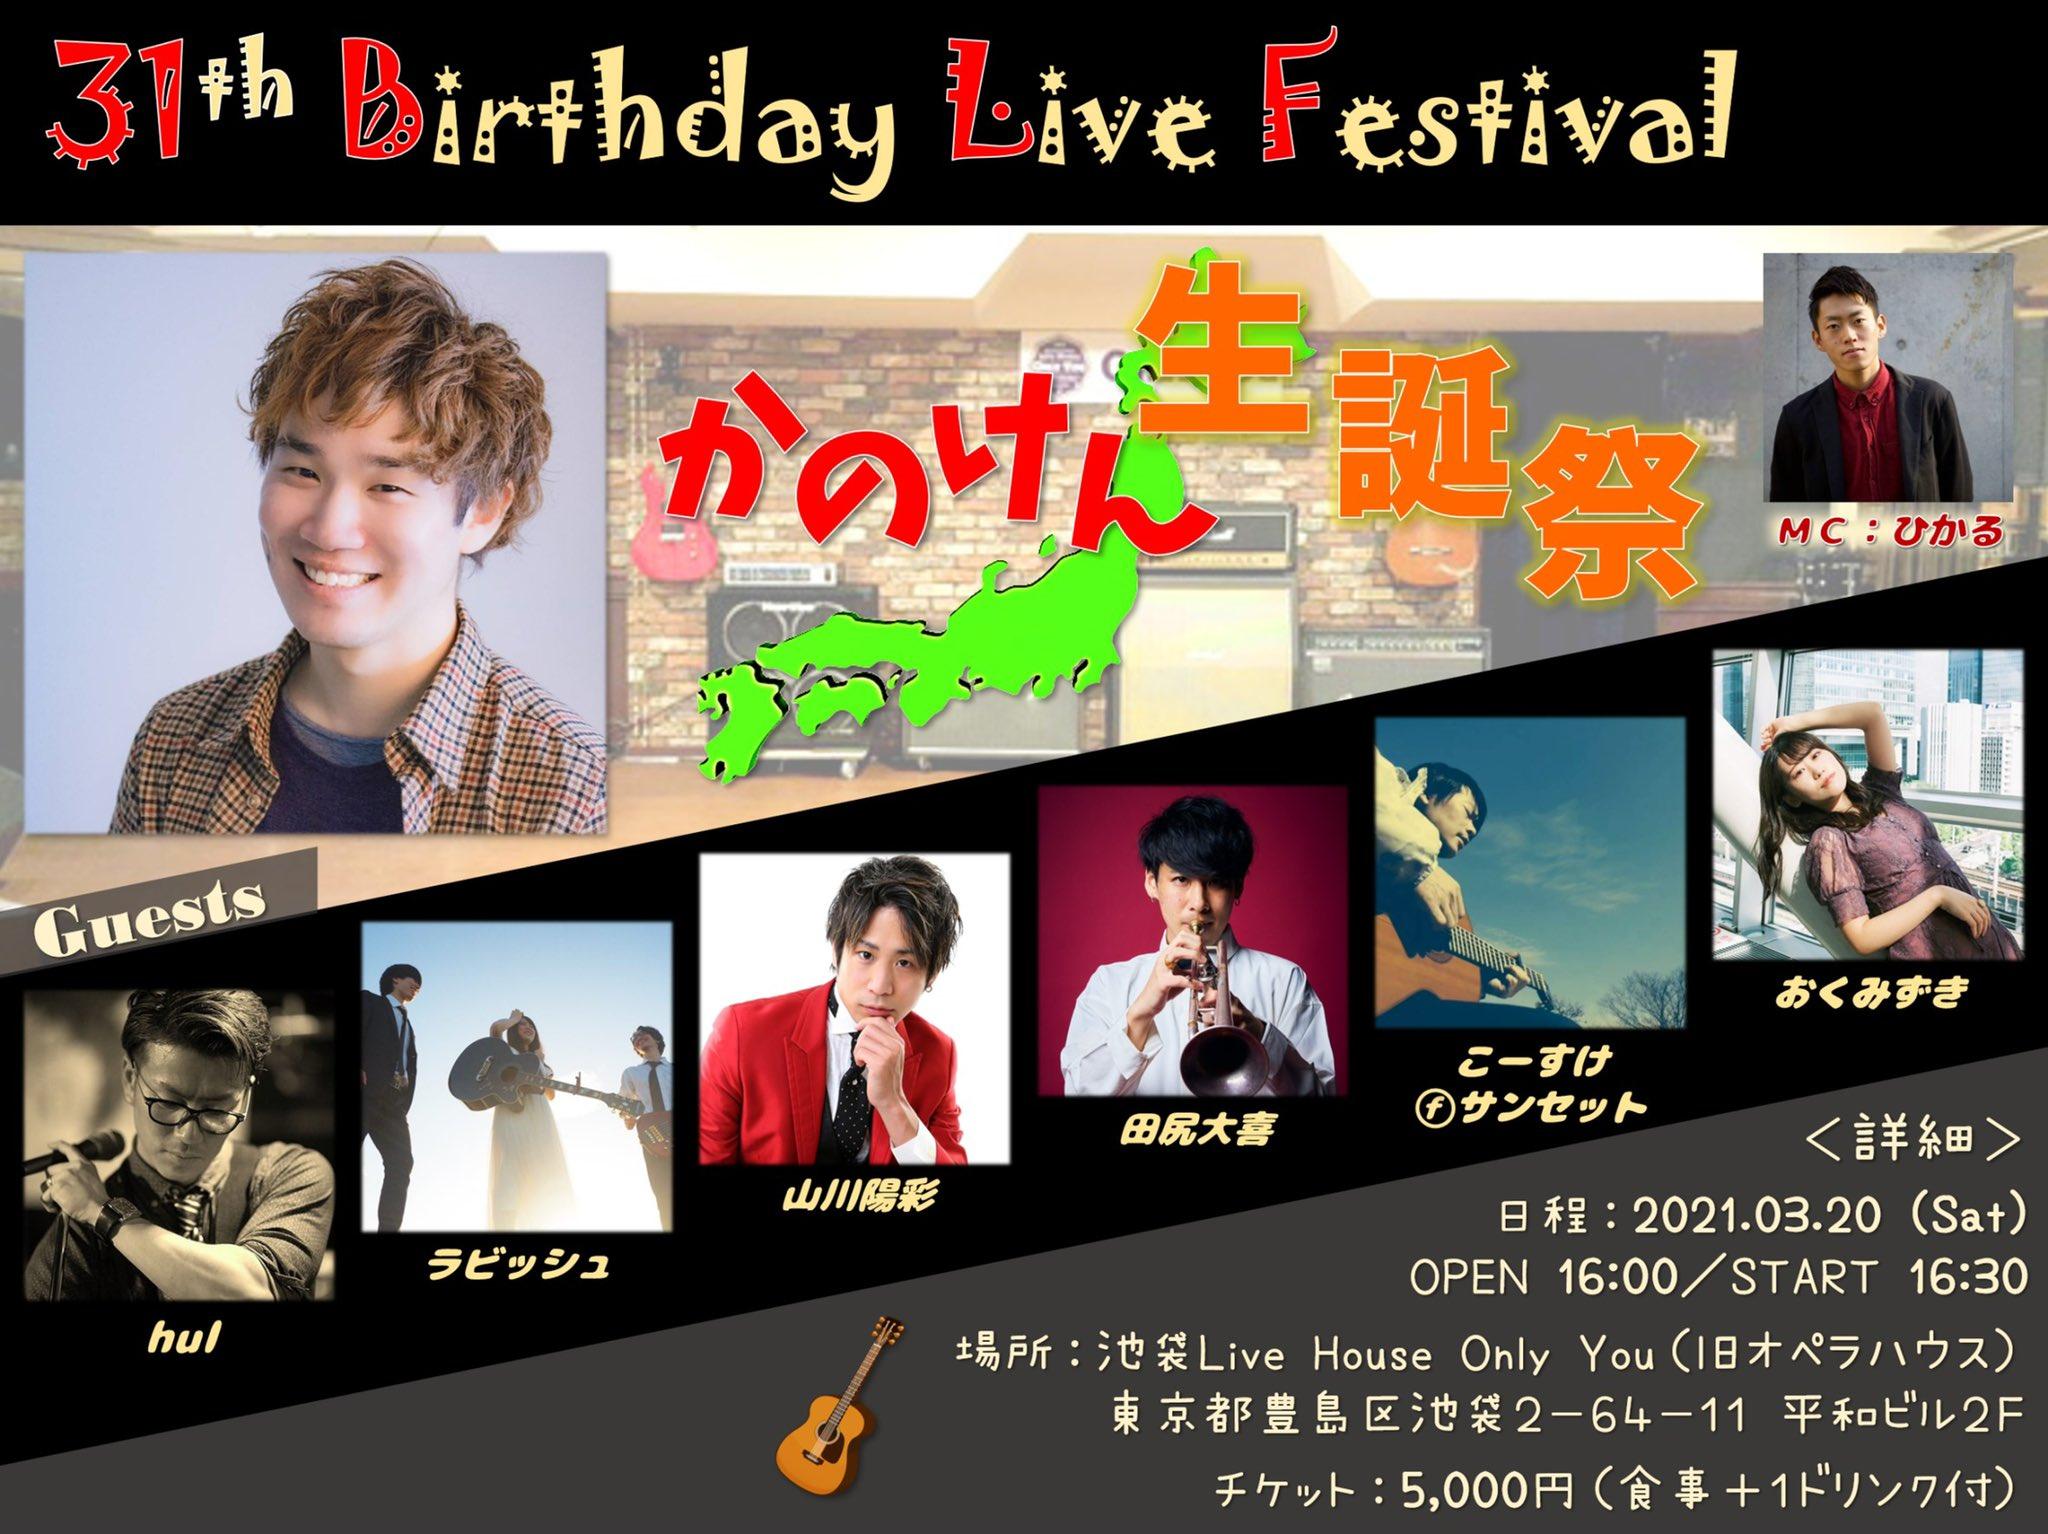 かのけん生誕祭 31th Birthday Live Festival